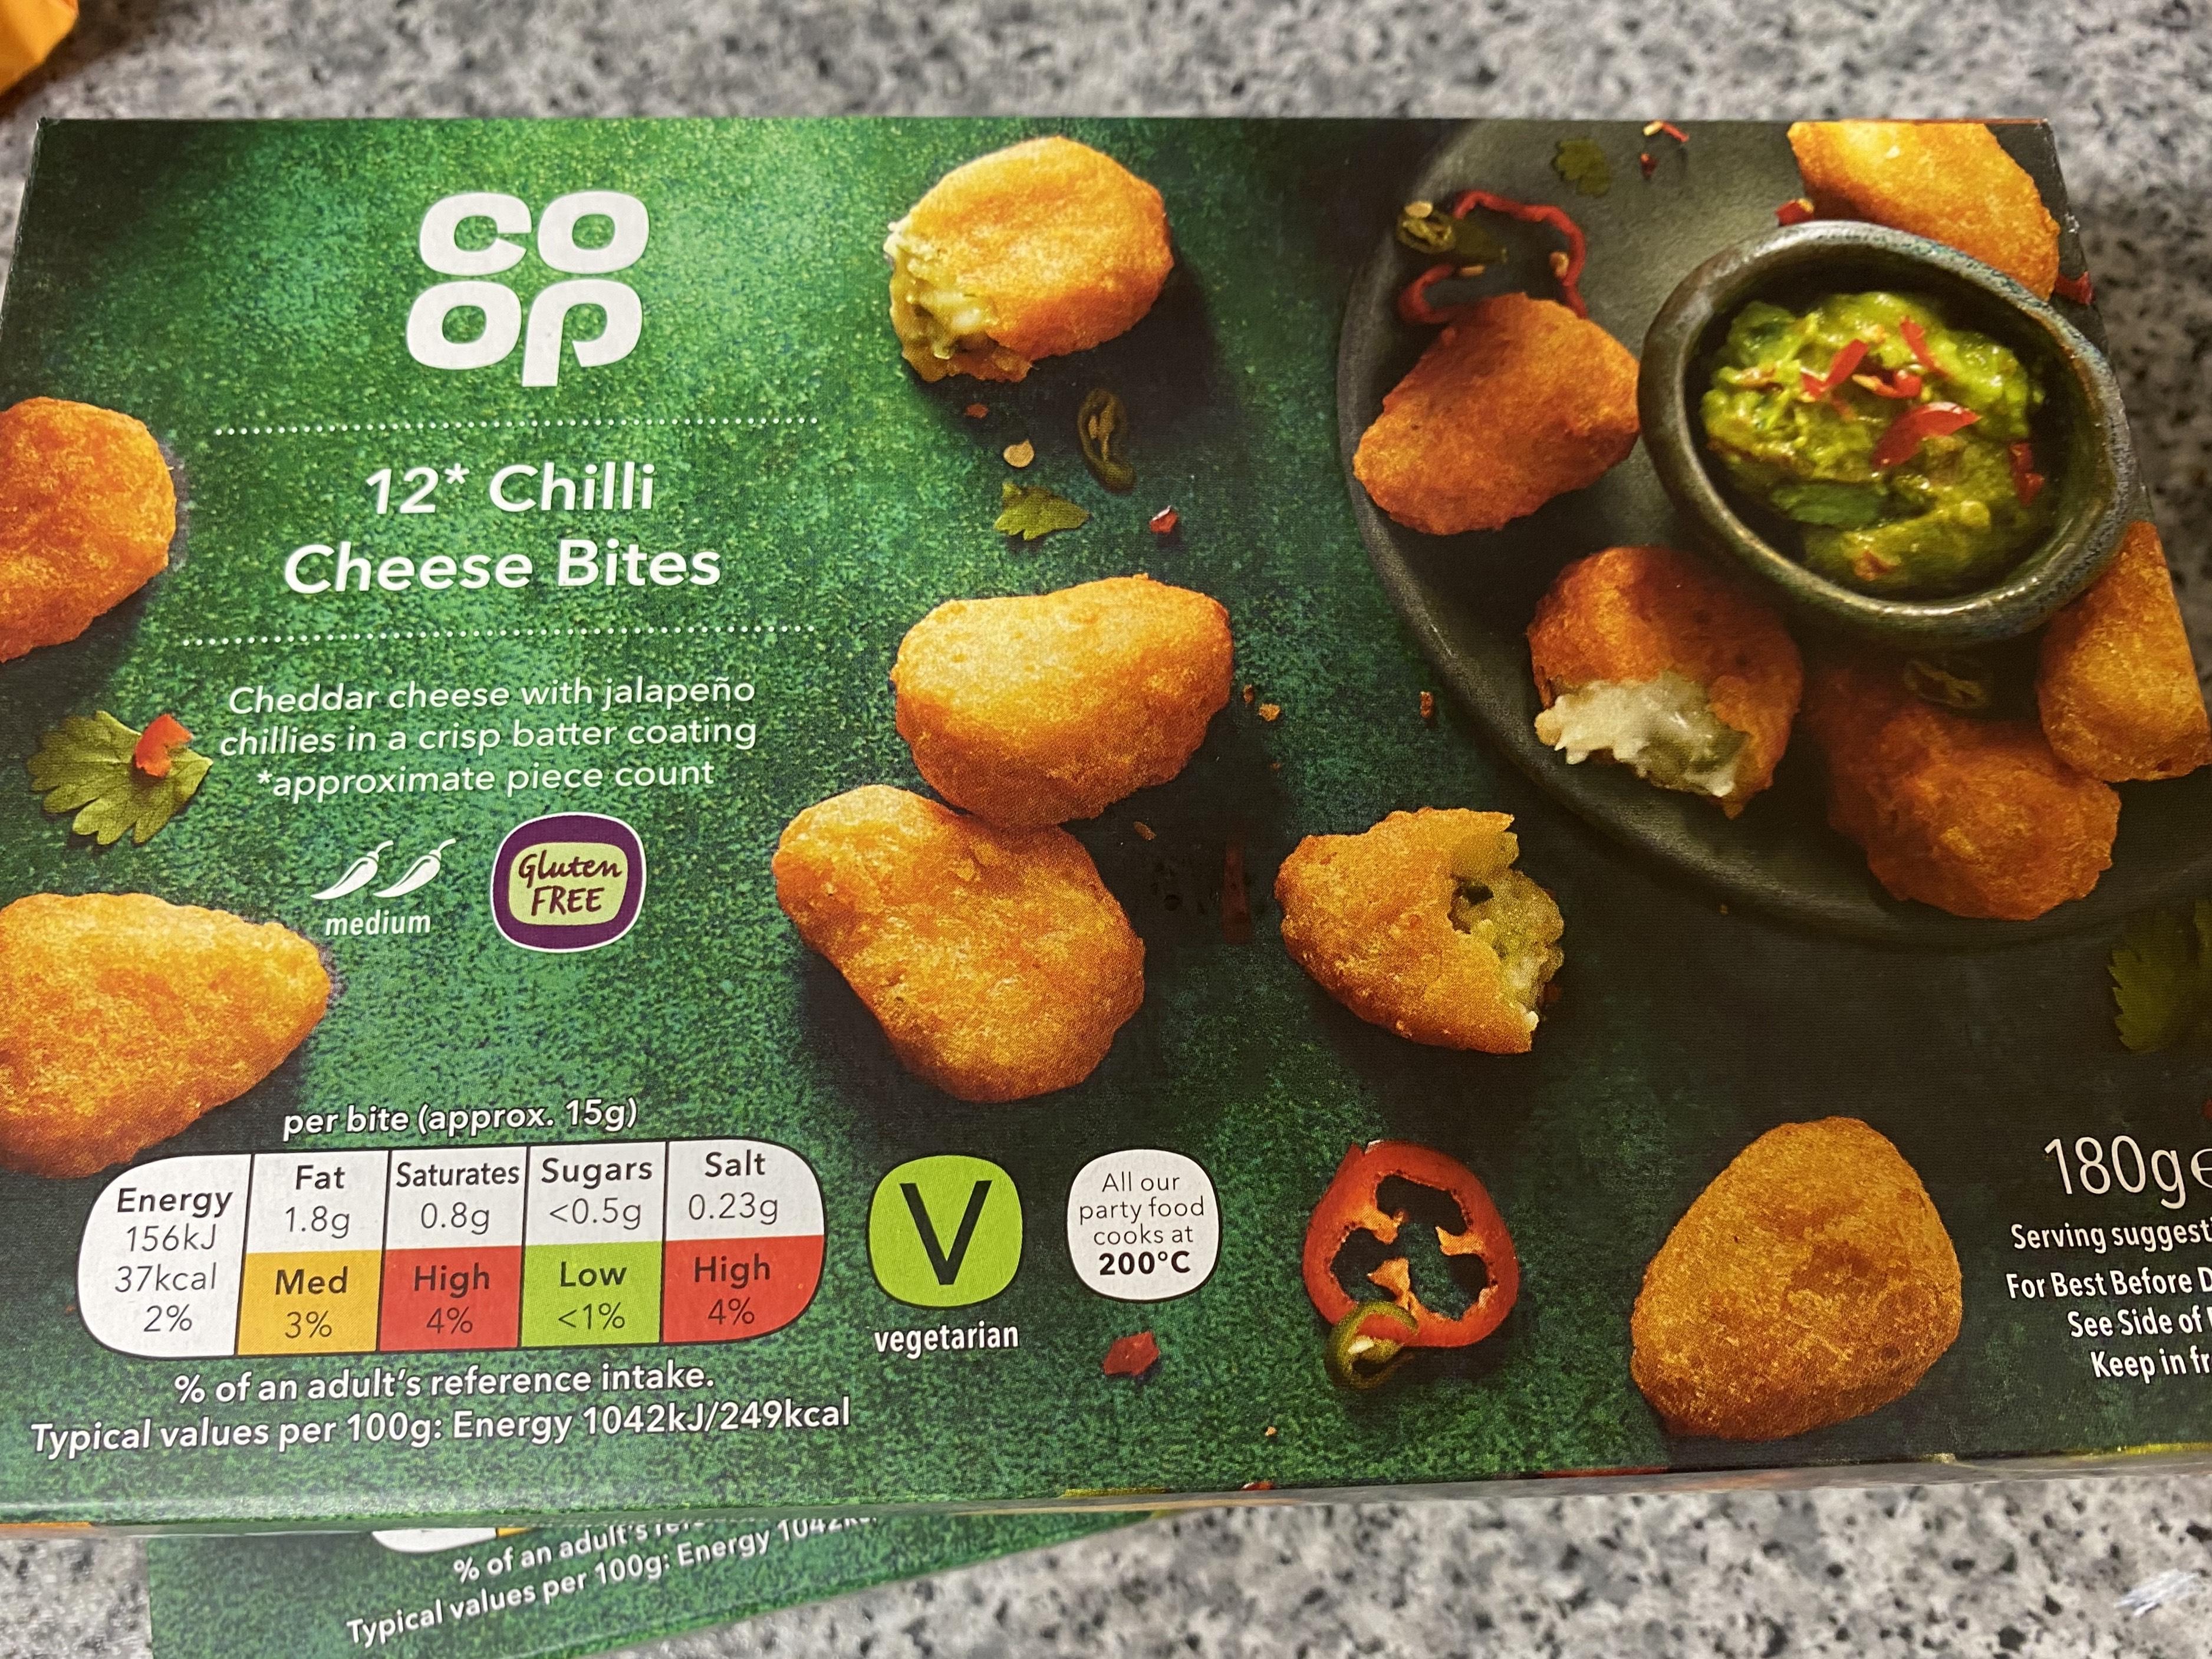 Coop Chilli Cheese Bites 56p - Instore Worthing